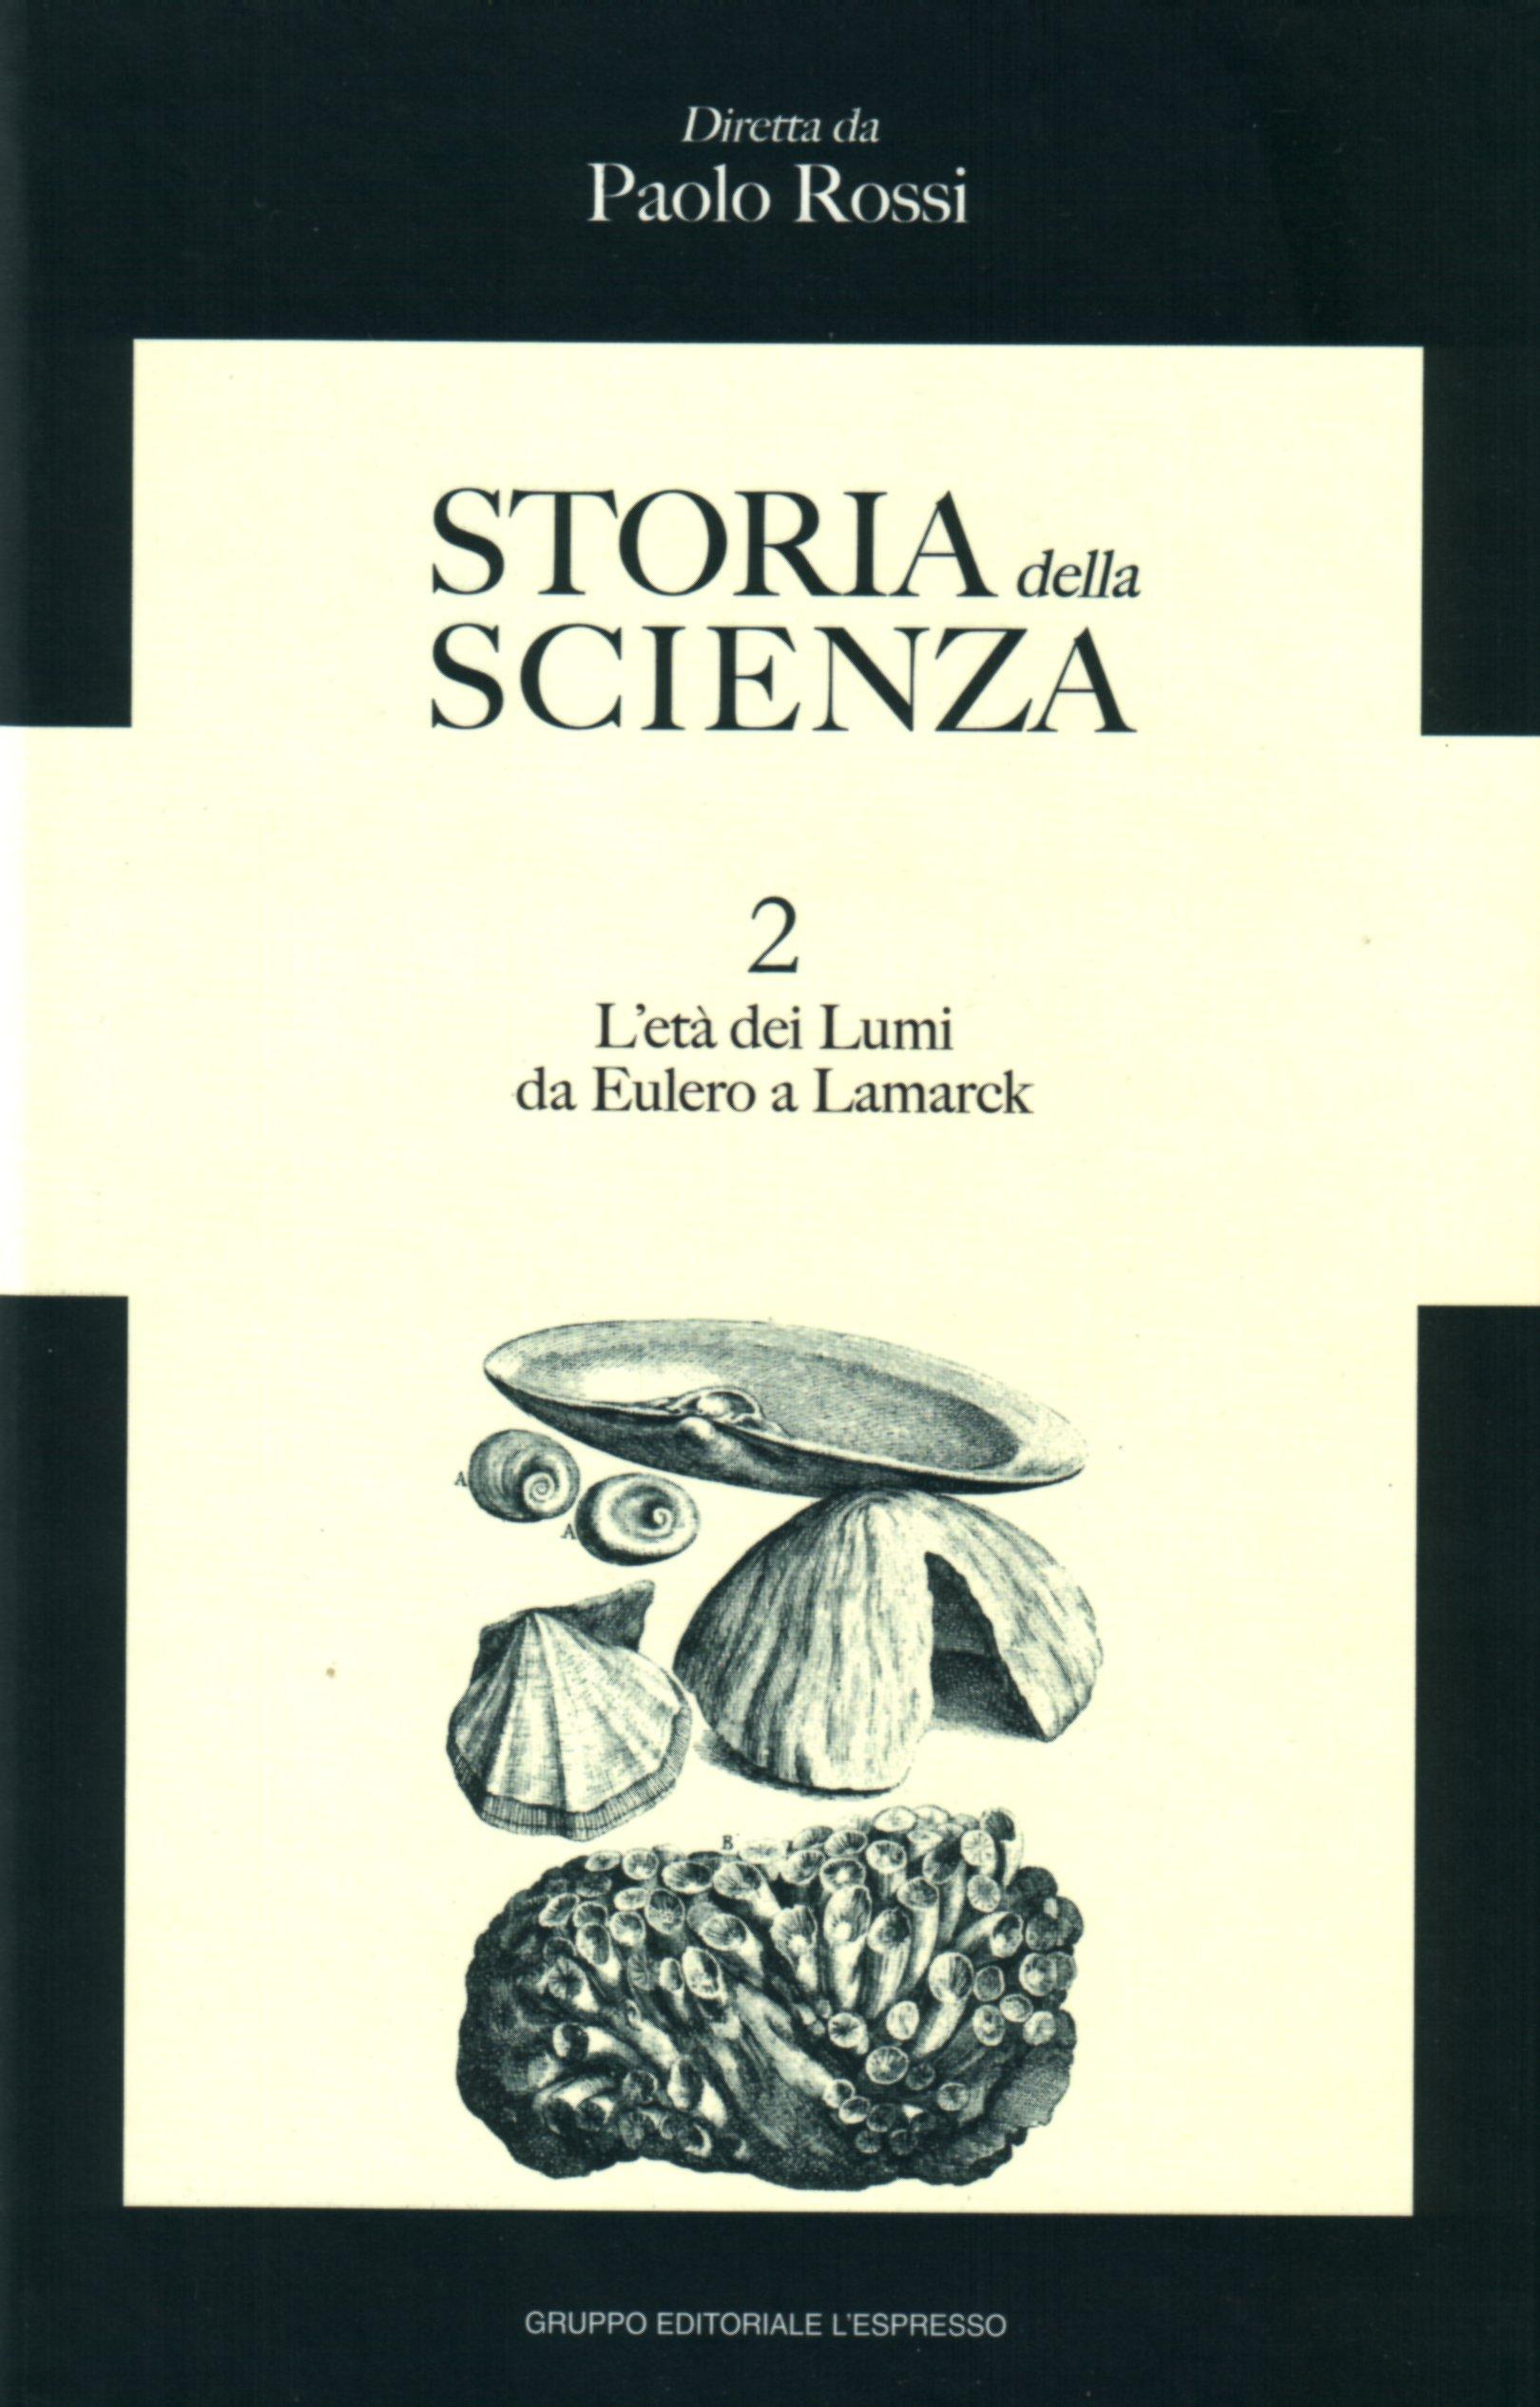 Storia della scienza vol. 2